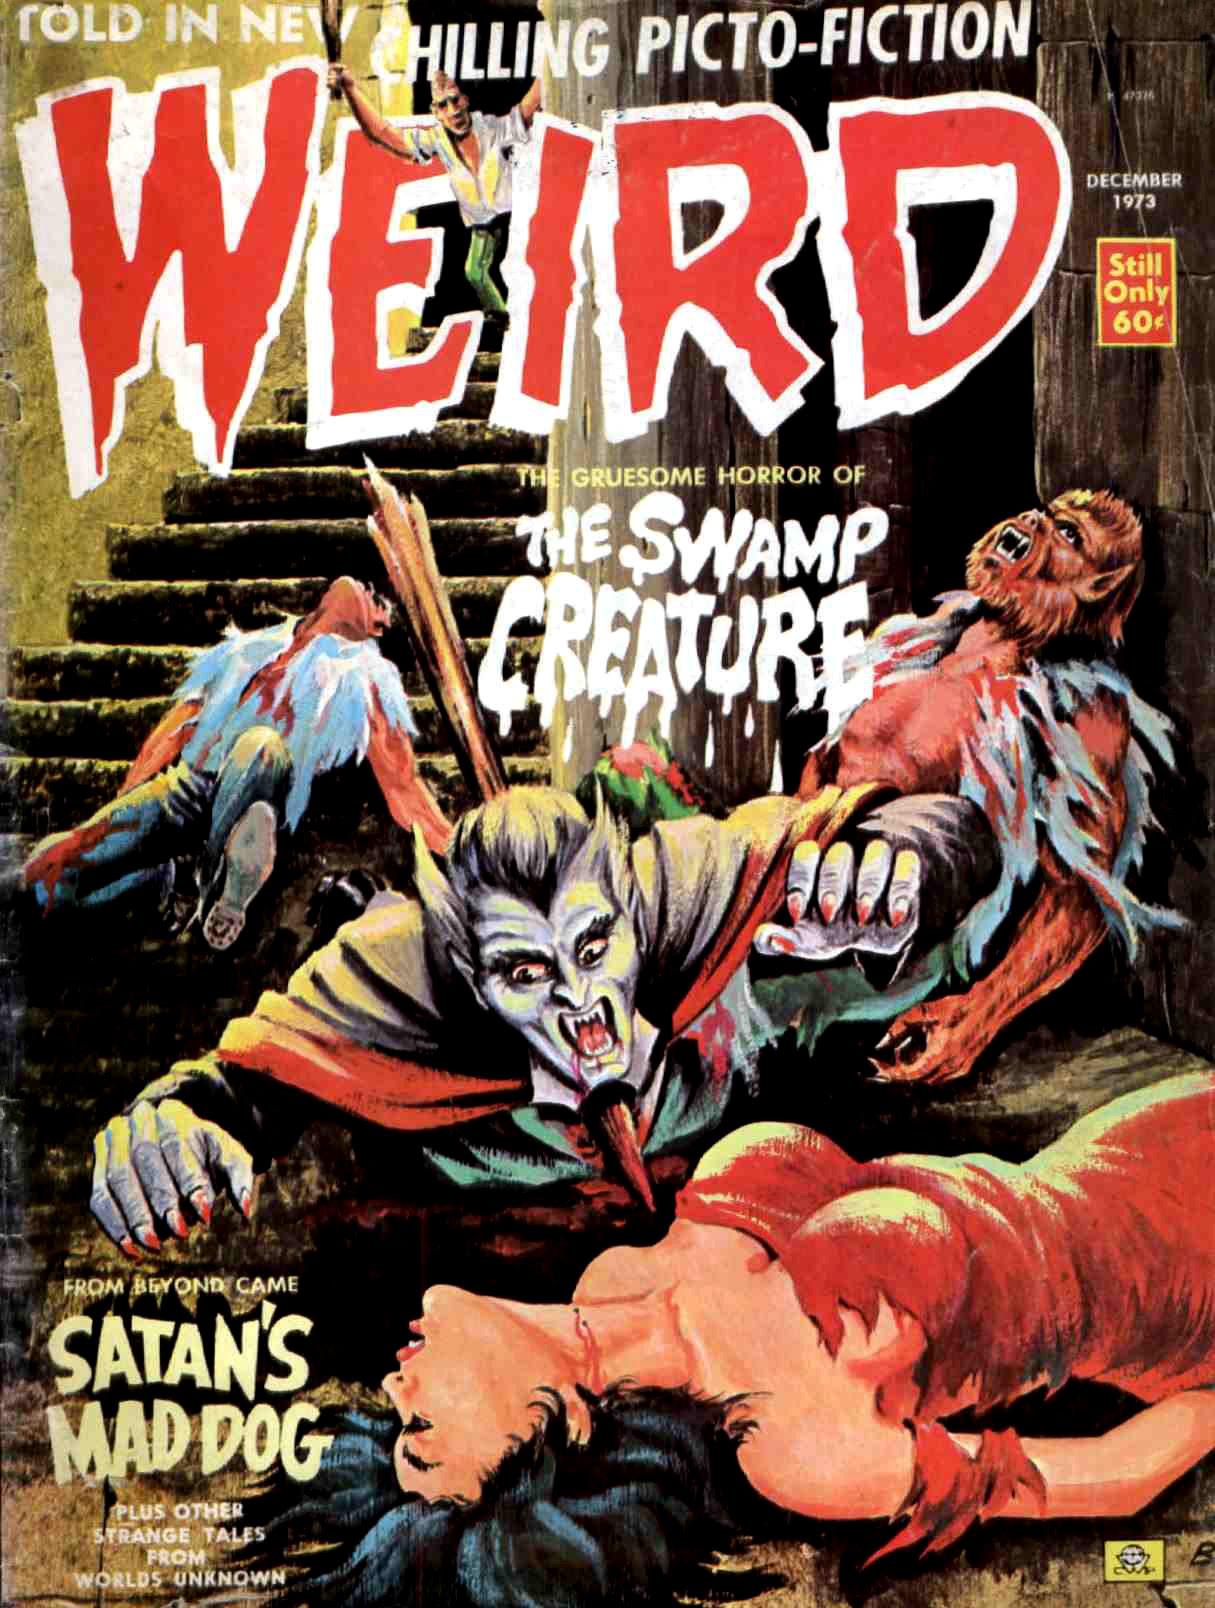 Weird Vol. 07 #7 (Eerie Publications, 1973)